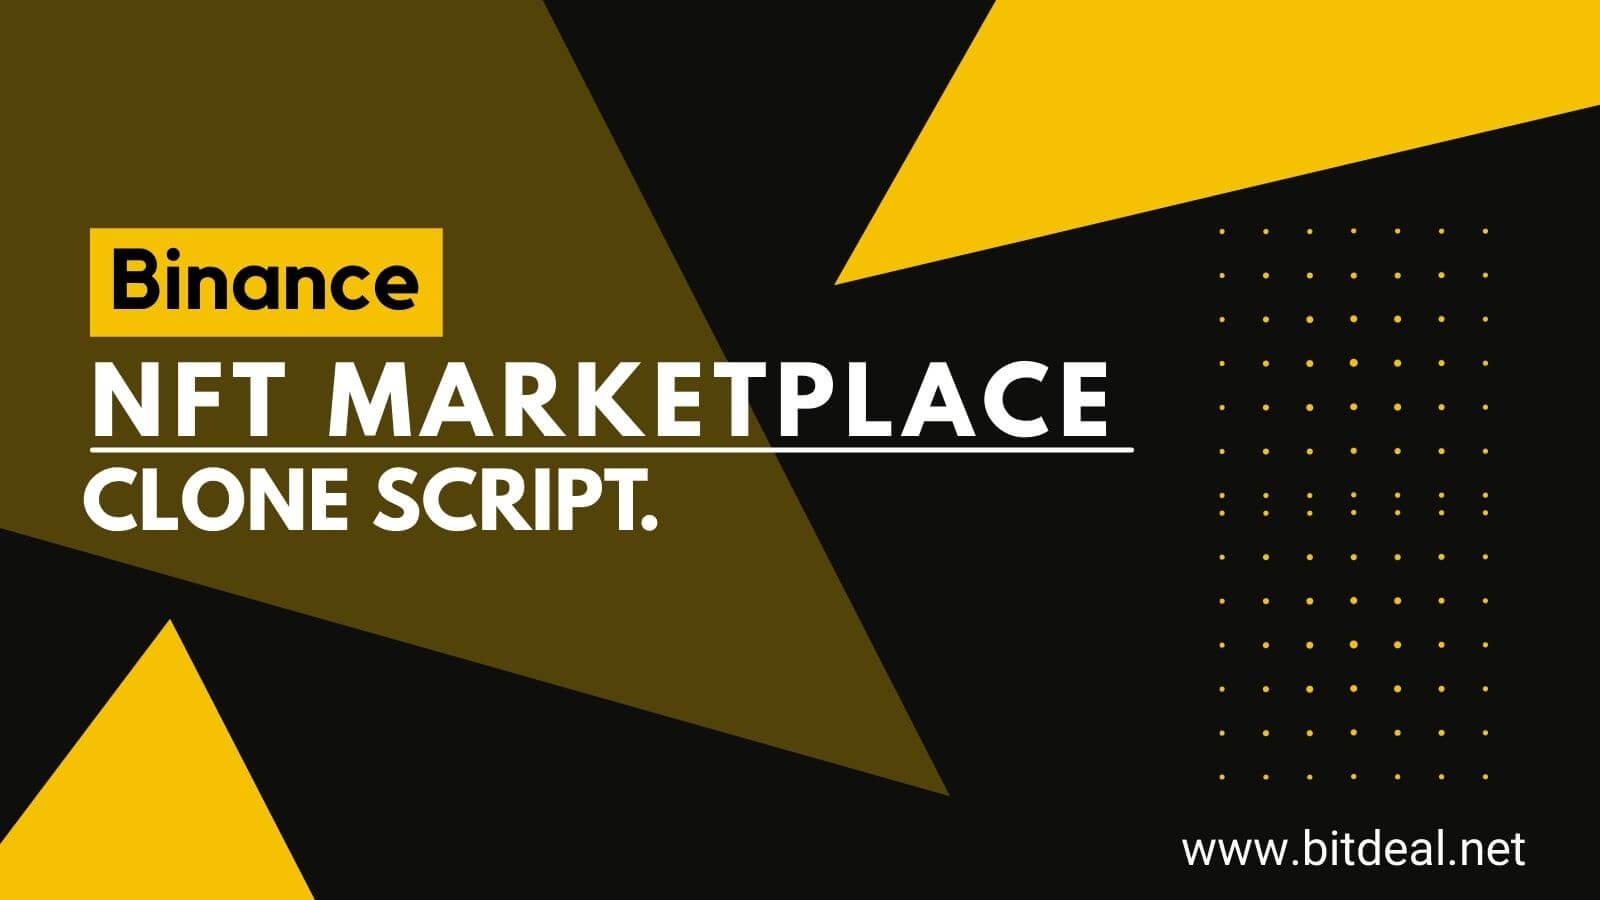 How to Start an NFT Marketplace like Binance NFT?